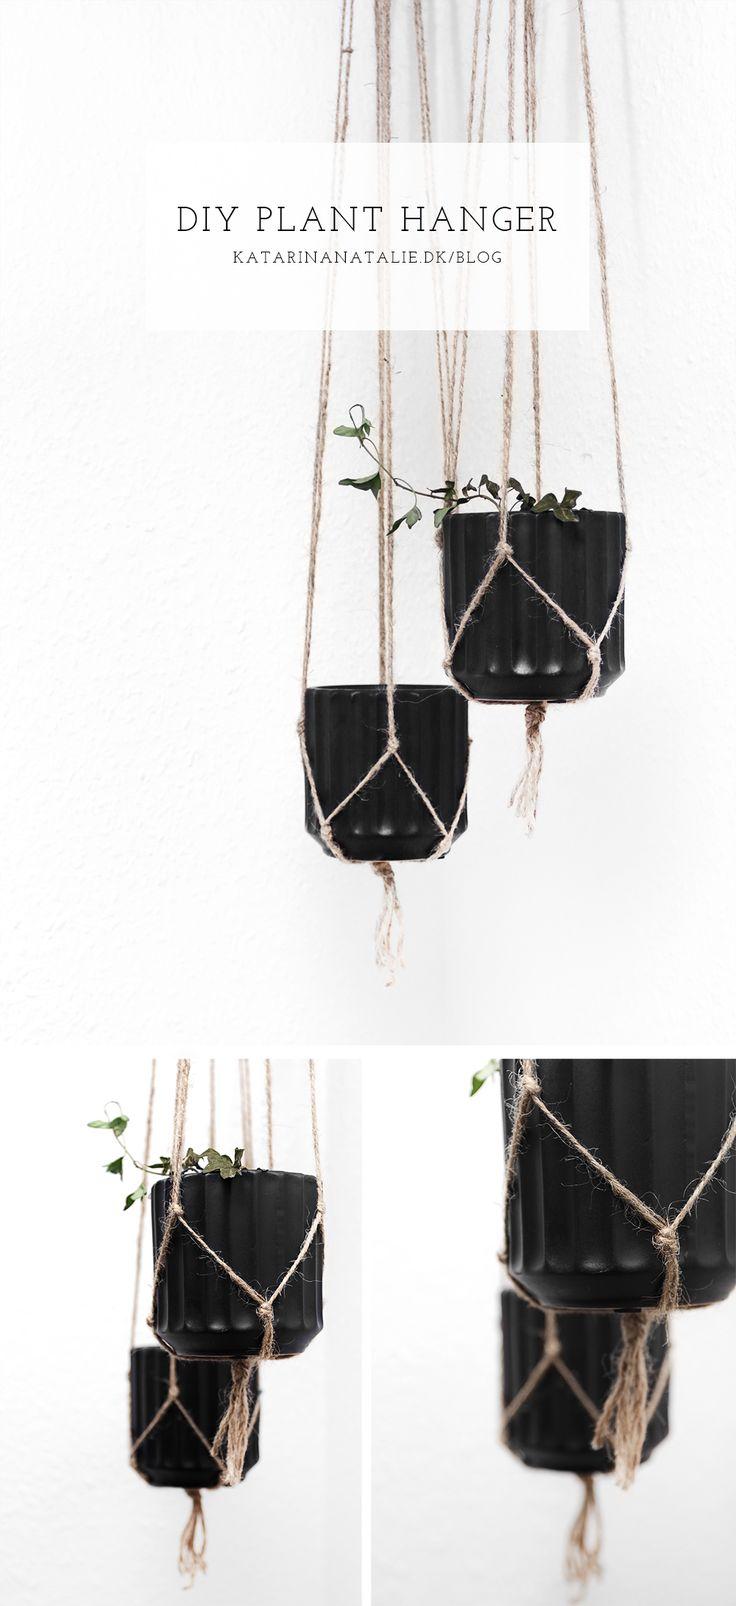 DIY PLANT HANGER: Jeg startede det nye år ud med at være pisse aktiv, og har faktisk lavet hele to DIY projekter i dag. Den ene er disse ophæng til ....